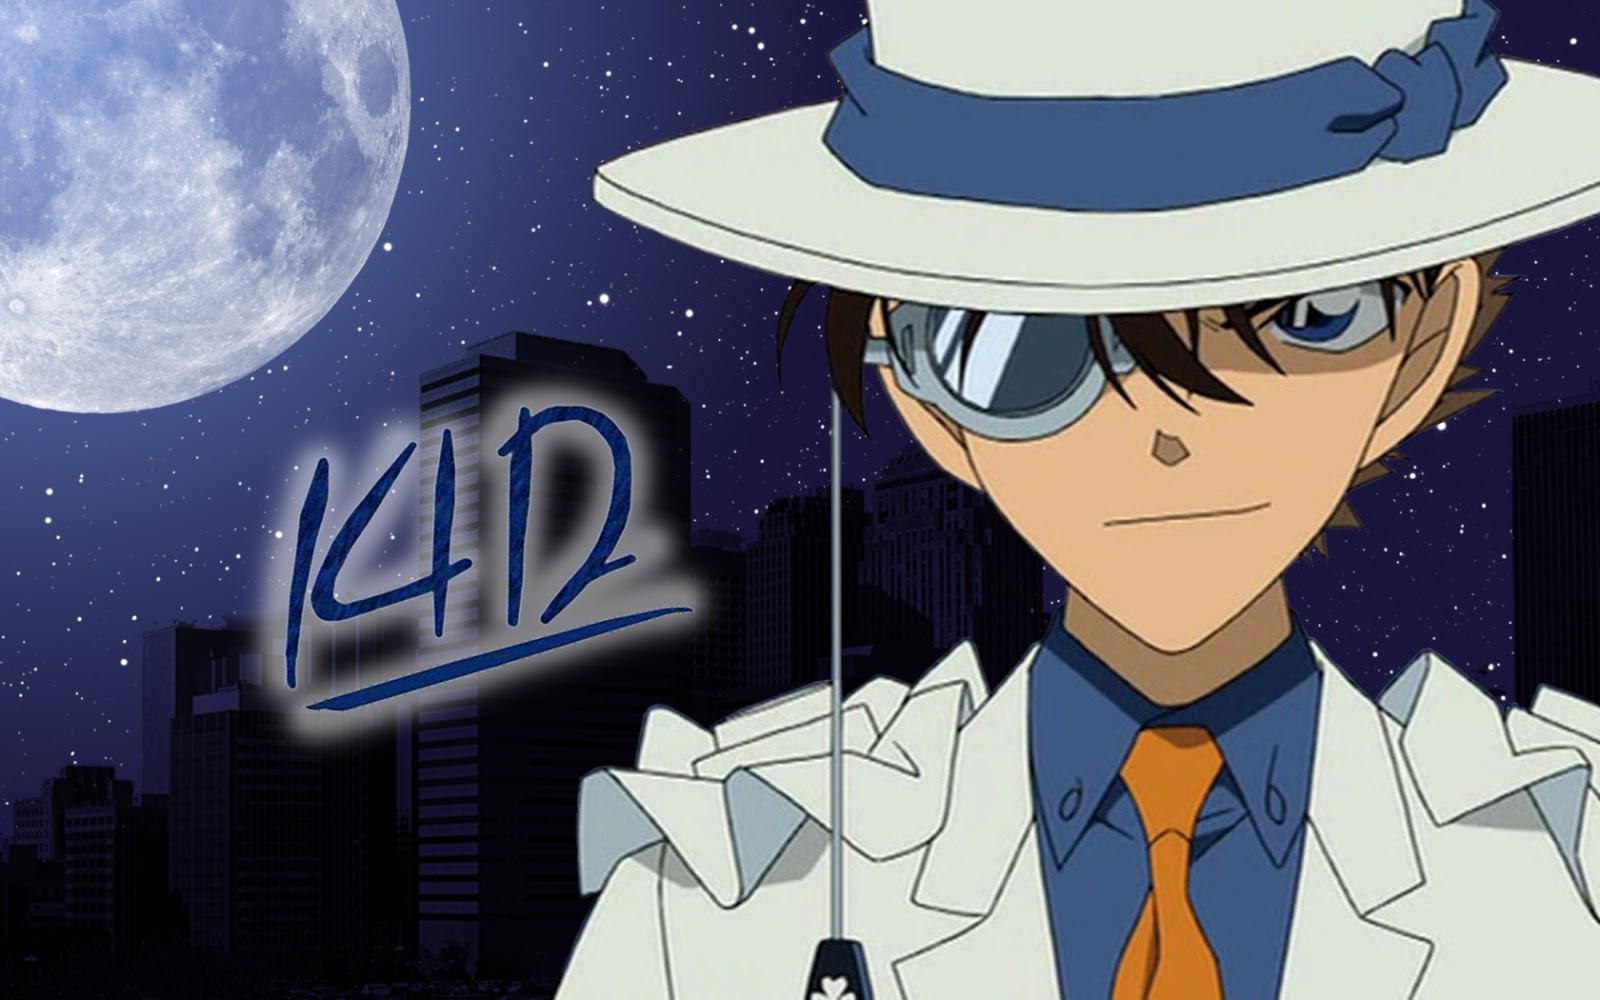 10 nhân vật nam phản diện quyến rũ nhất trong thế giới anime (Phần 1) - Ảnh 9.